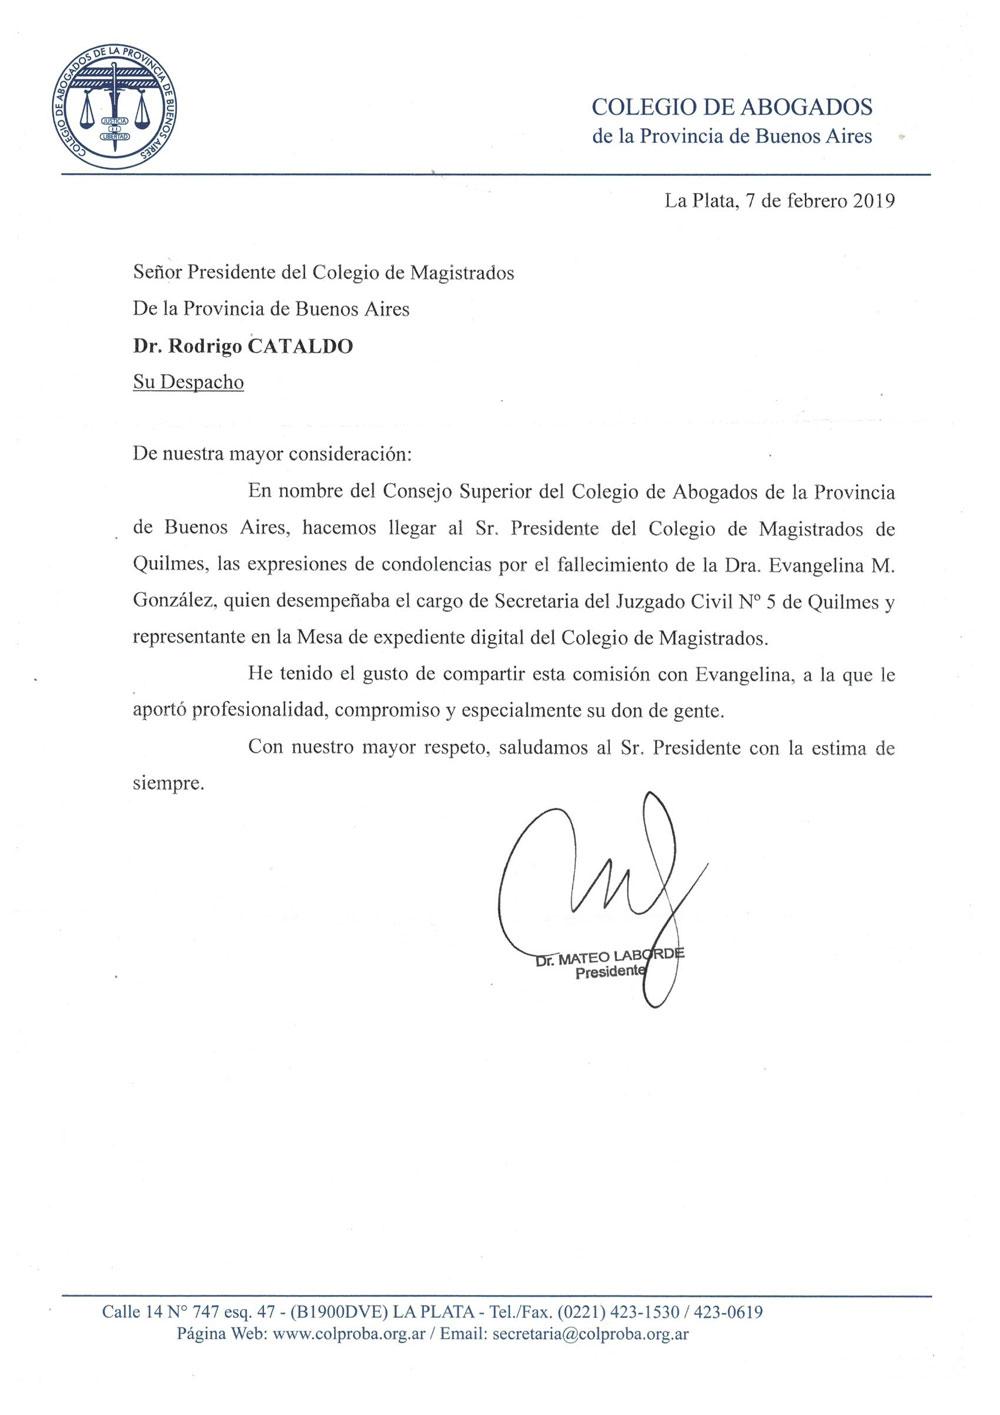 Comunicado del Consejo Superior del Colegio de Abogados por el fallecimiento de la Dra. Evangelina M. González